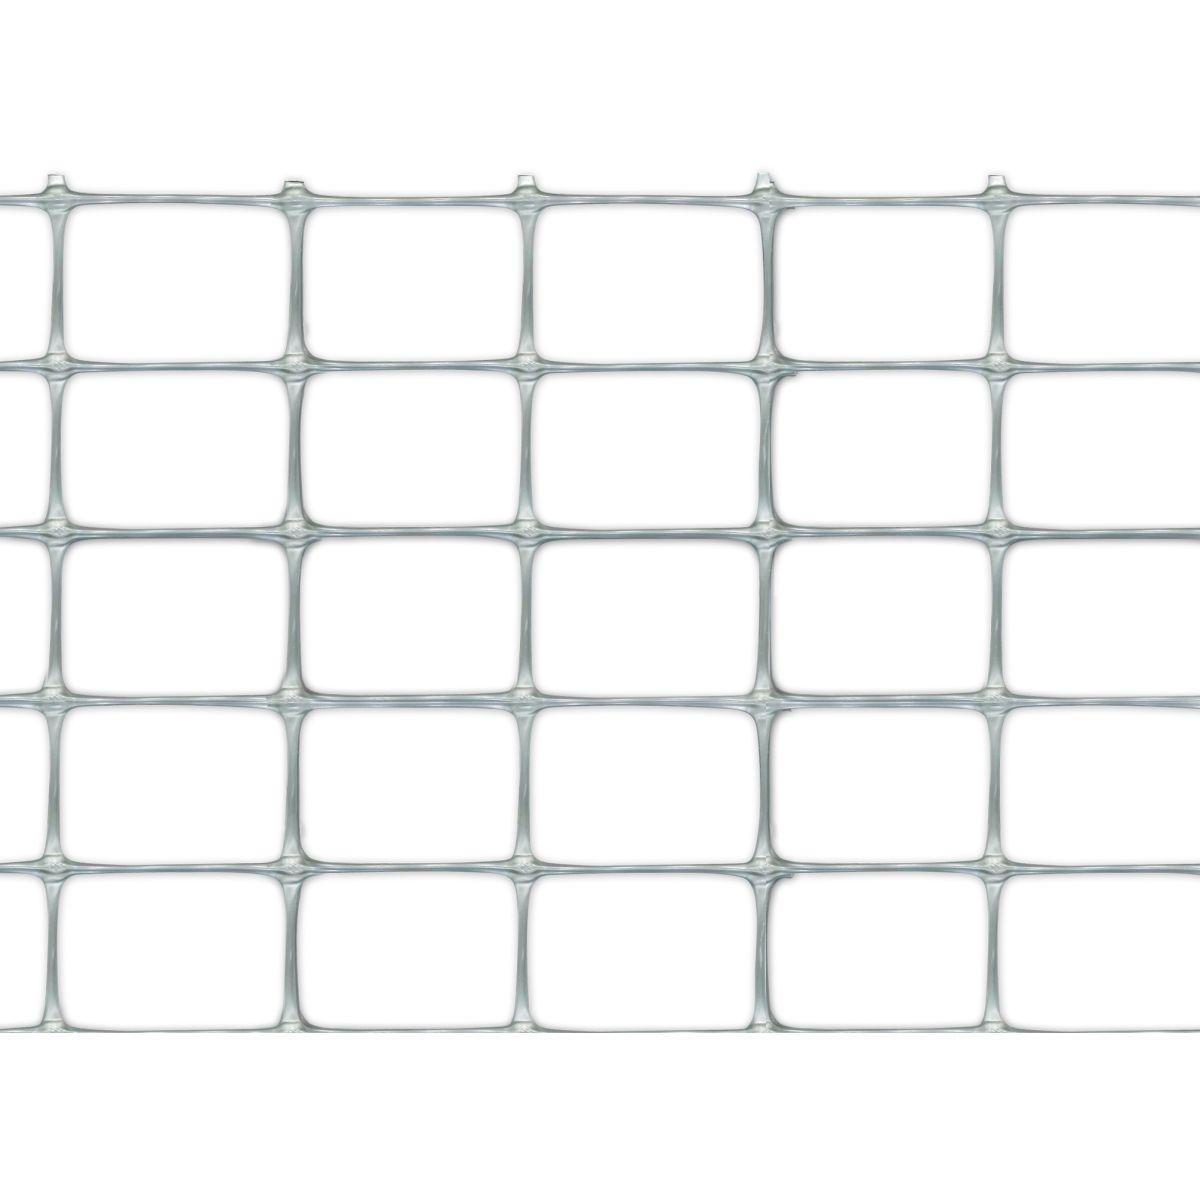 Rete per recinzione giardino recinzioni in rete metallica for Recinto cani leroy merlin